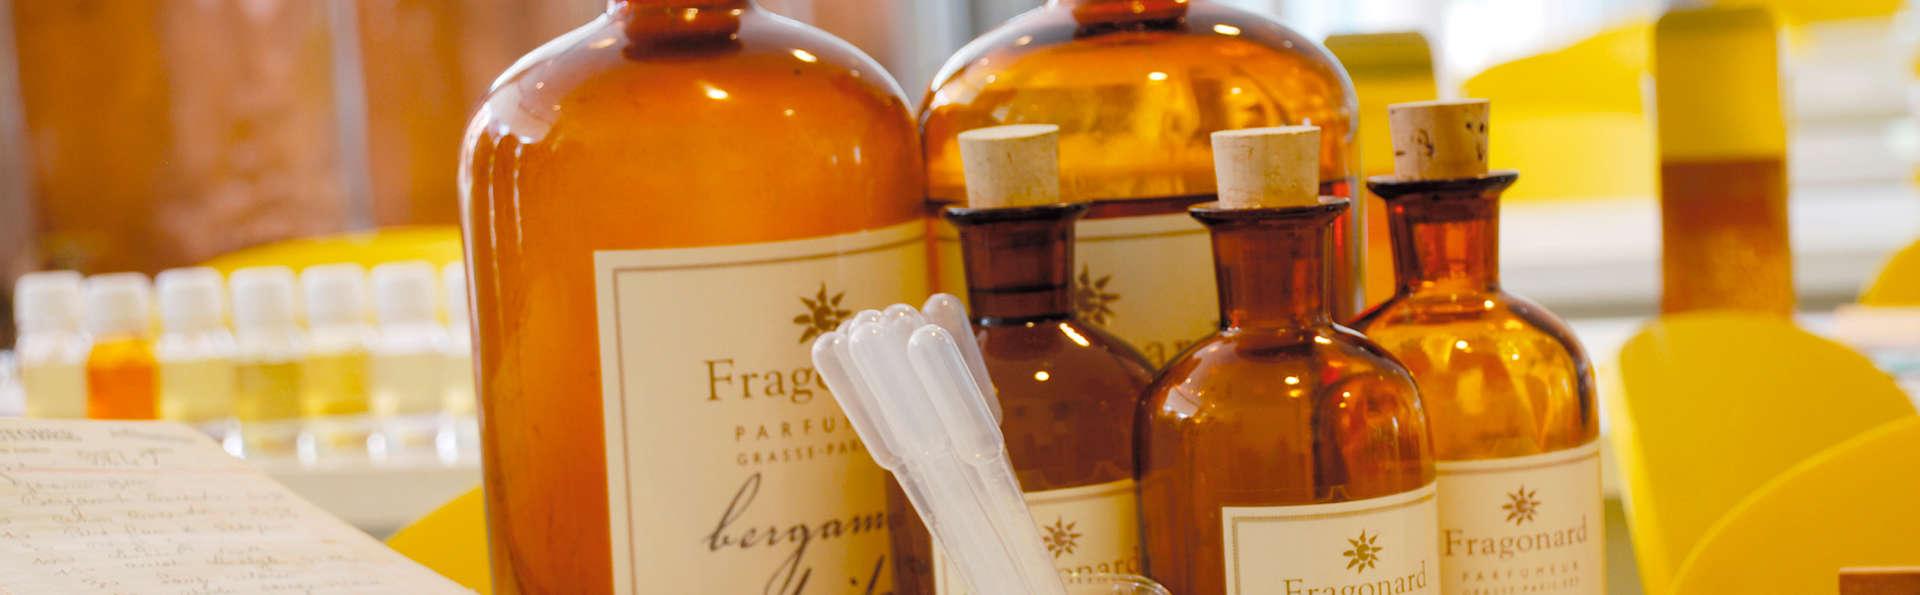 Week-end parfumé à Grasse